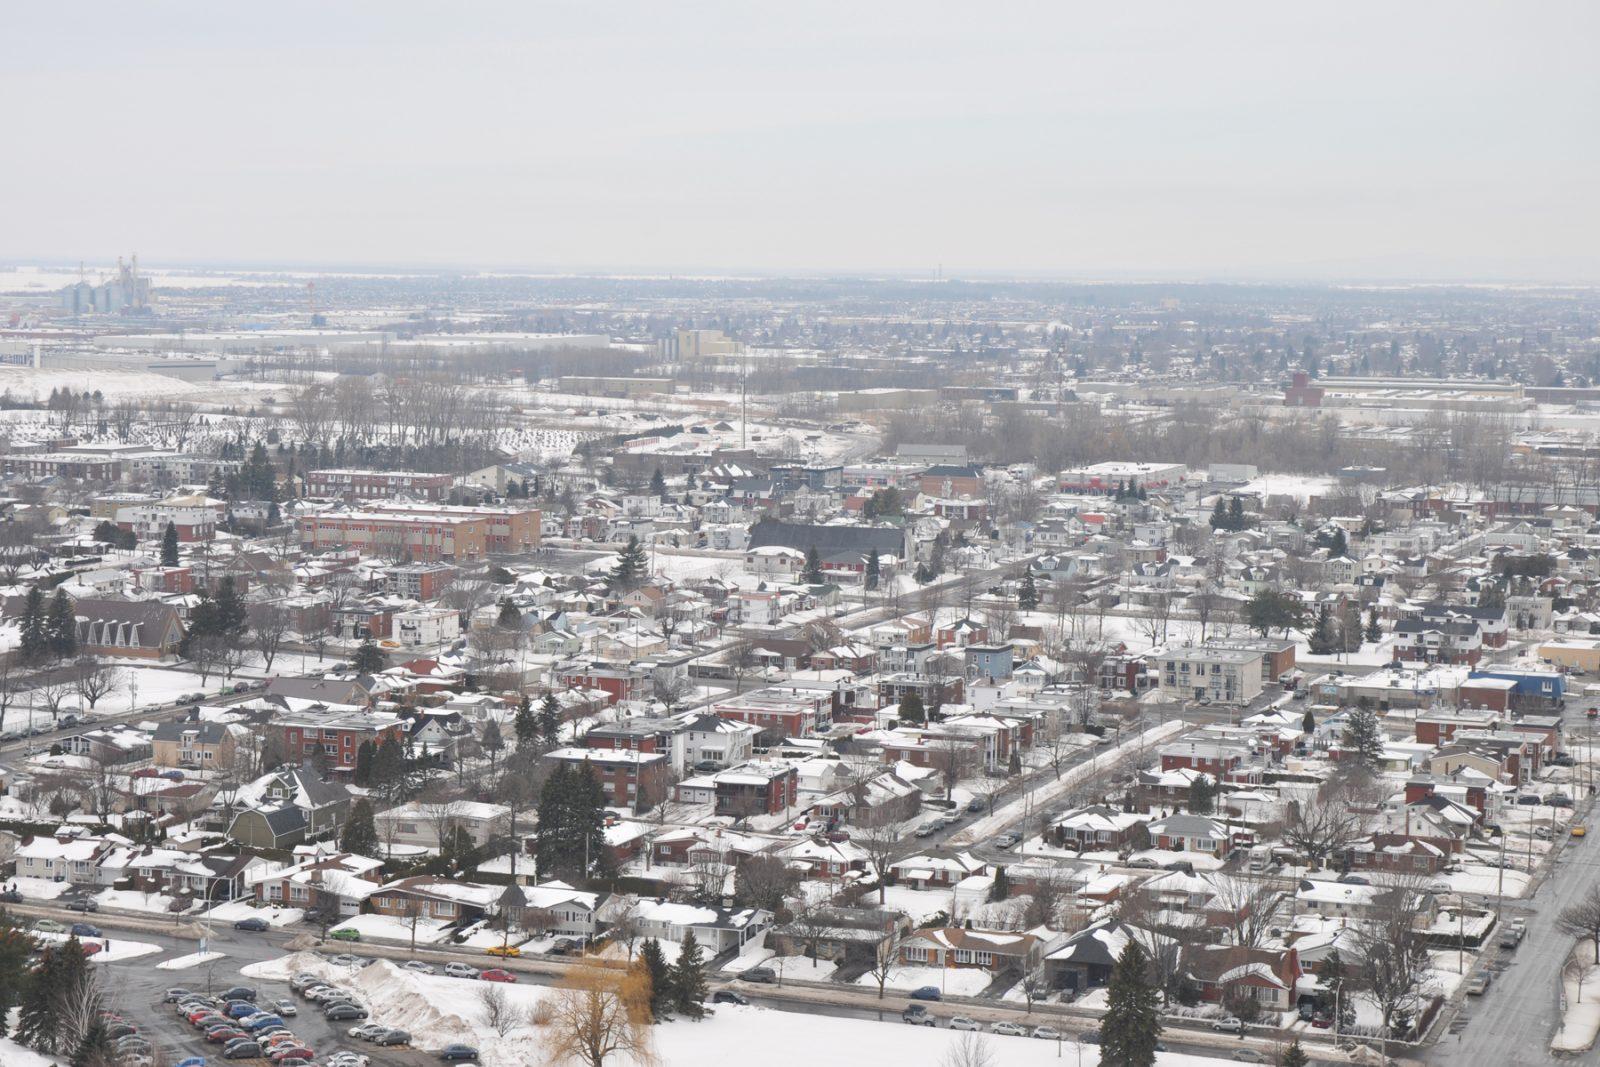 La population de Saint-Jean dépasse maintenant les 98 000 habitants